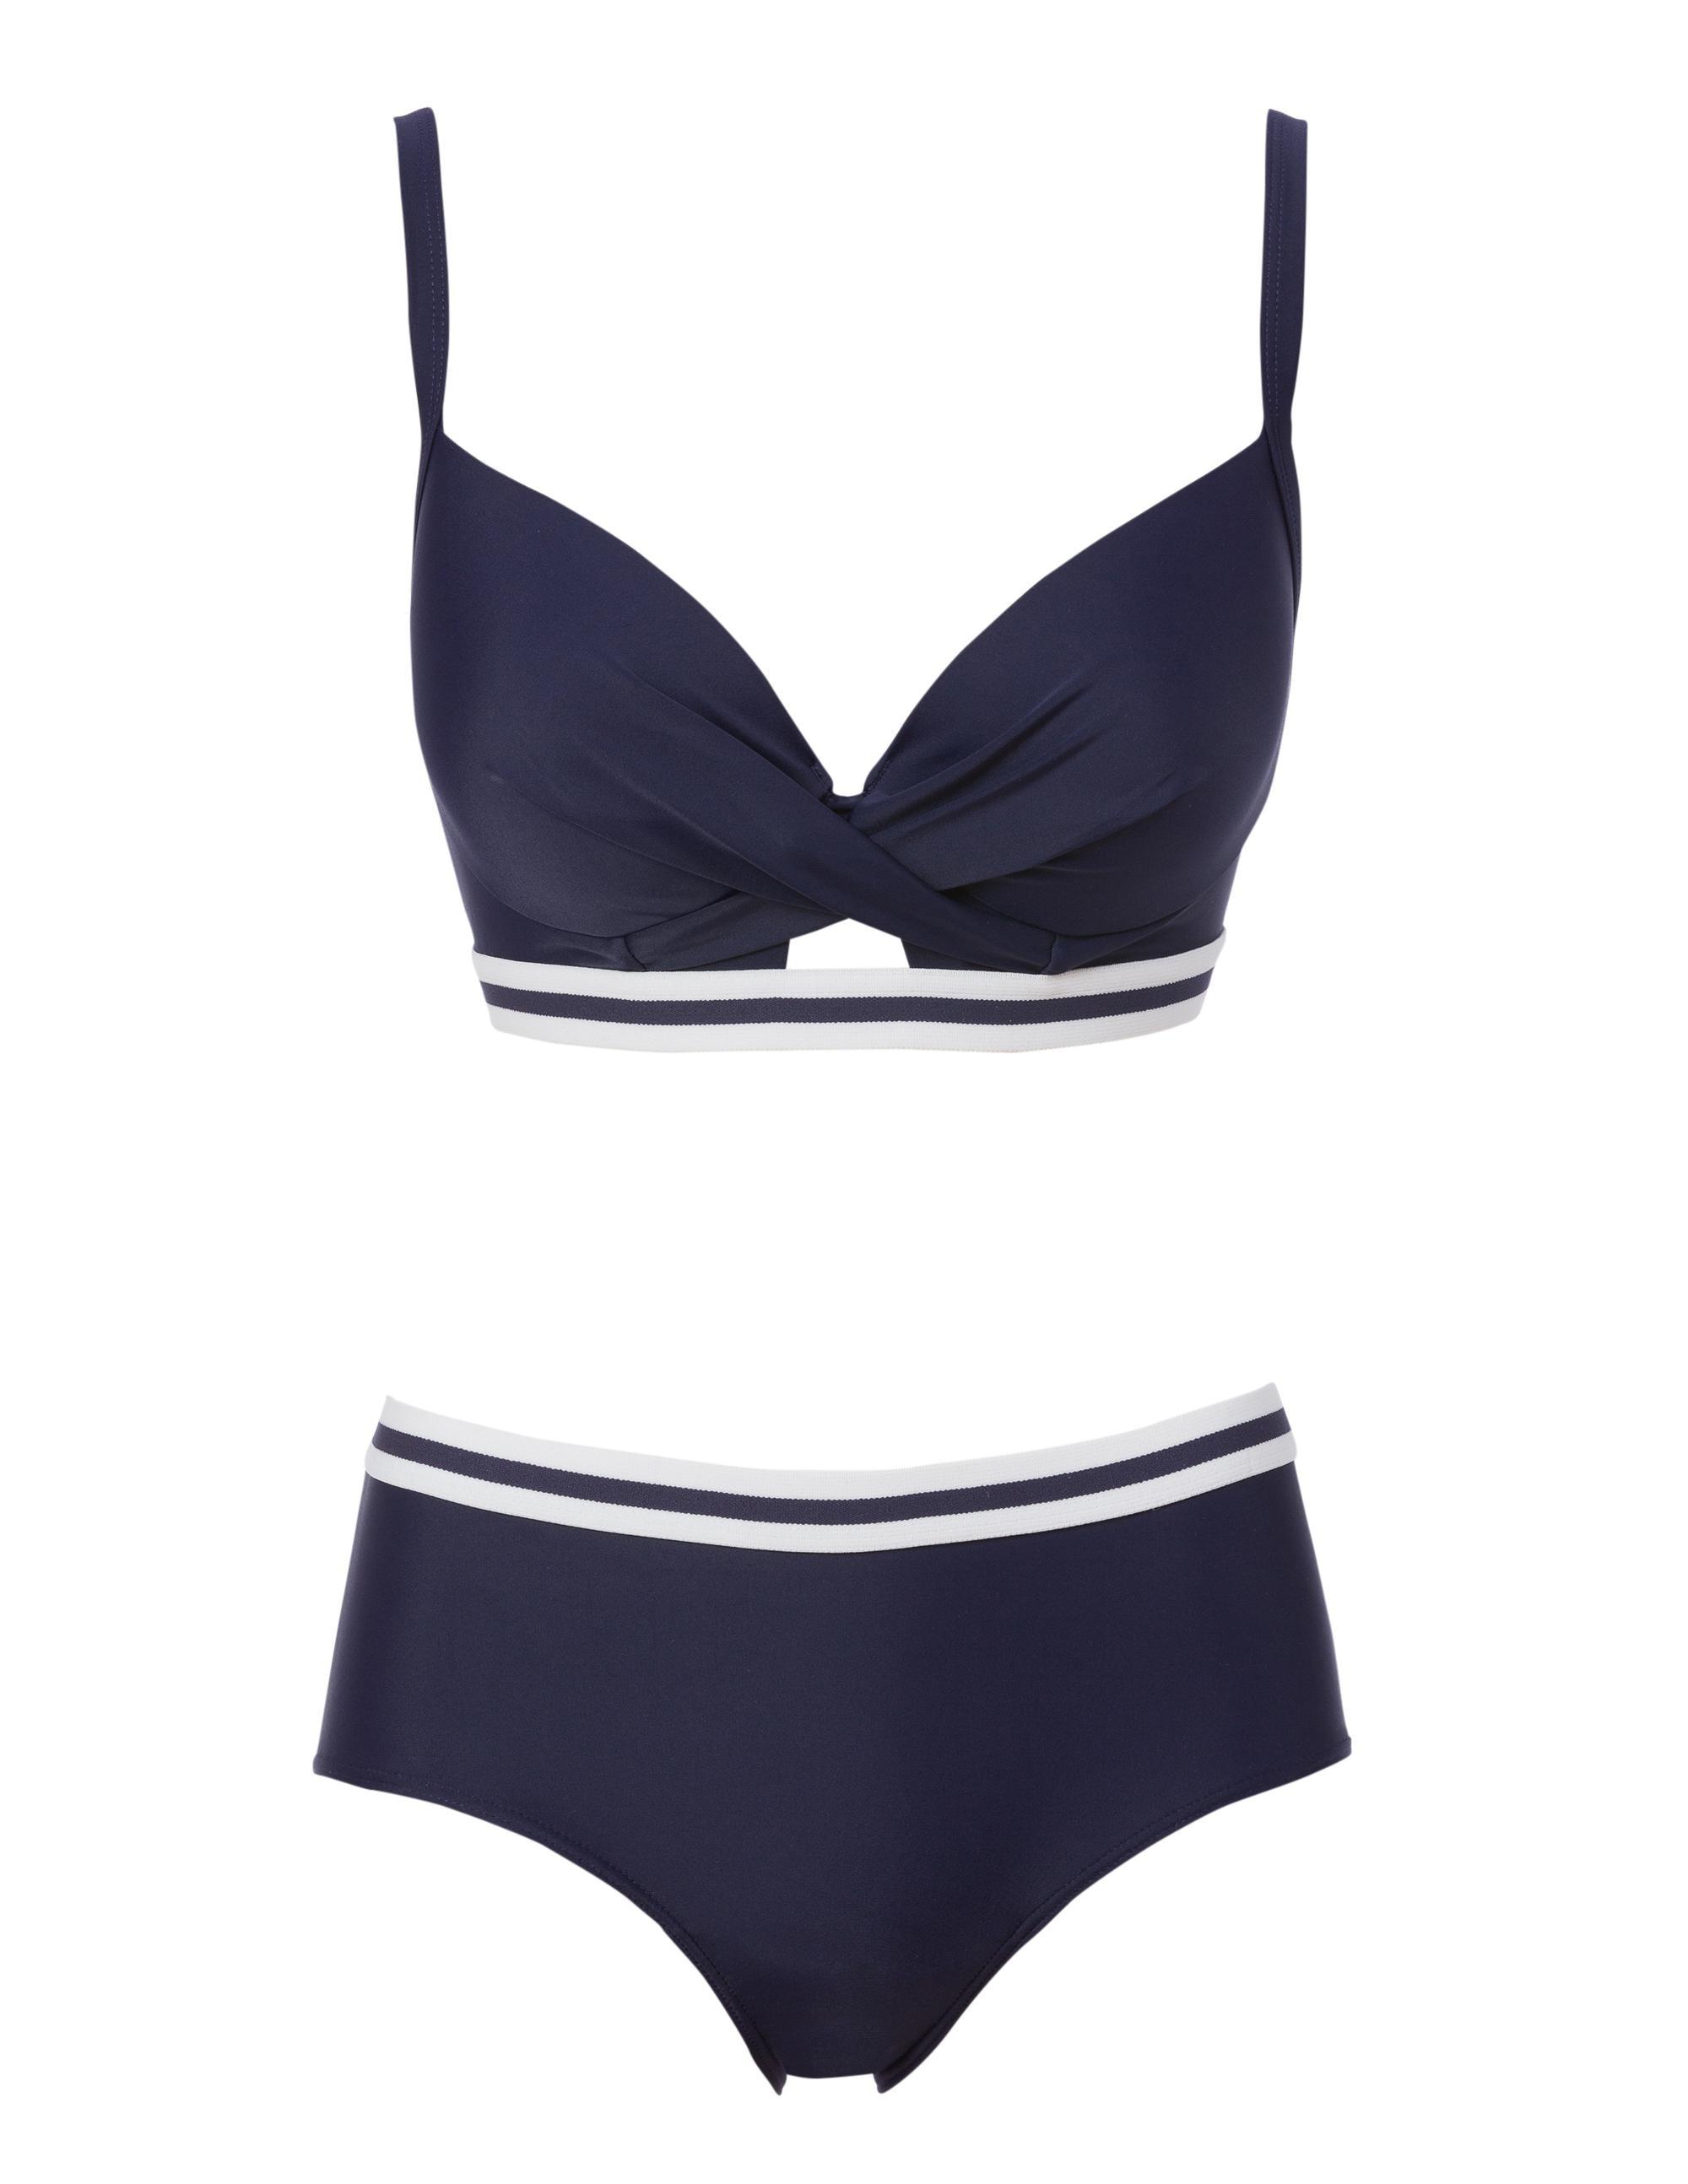 Bikini Bygel-Bh & Bikinitrosa Marin